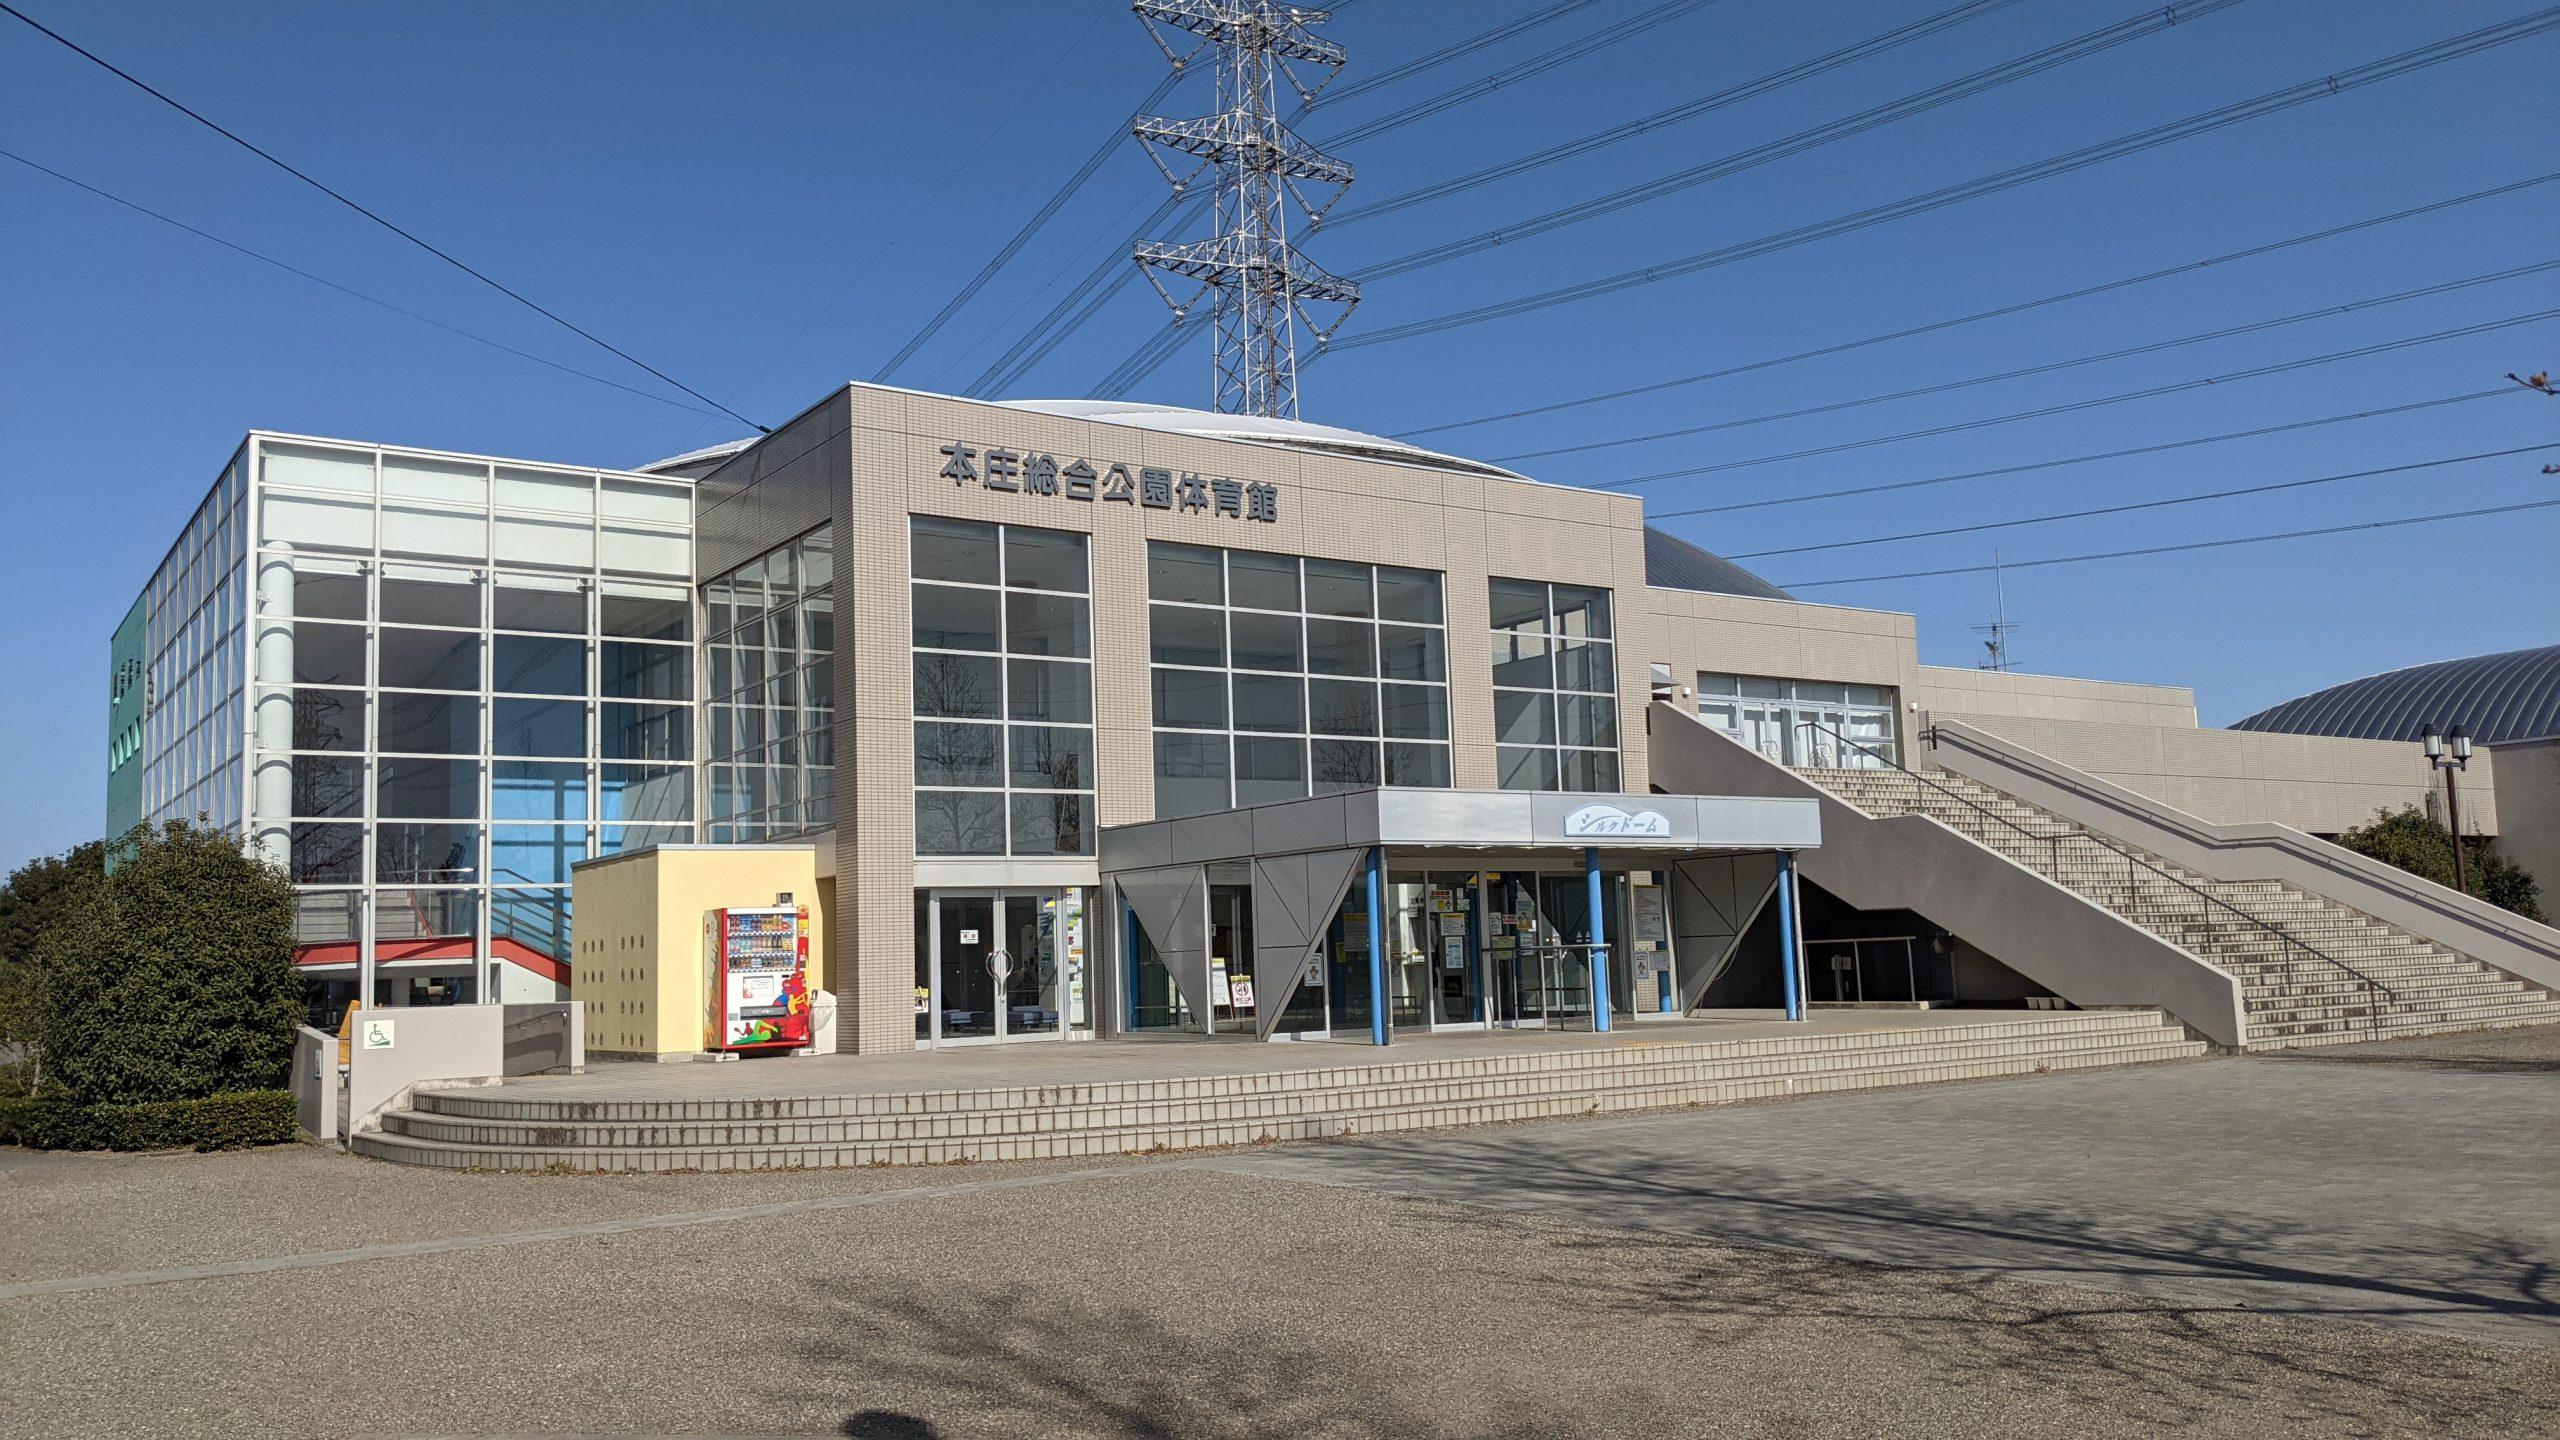 本庄総合体育館 シルクドーム